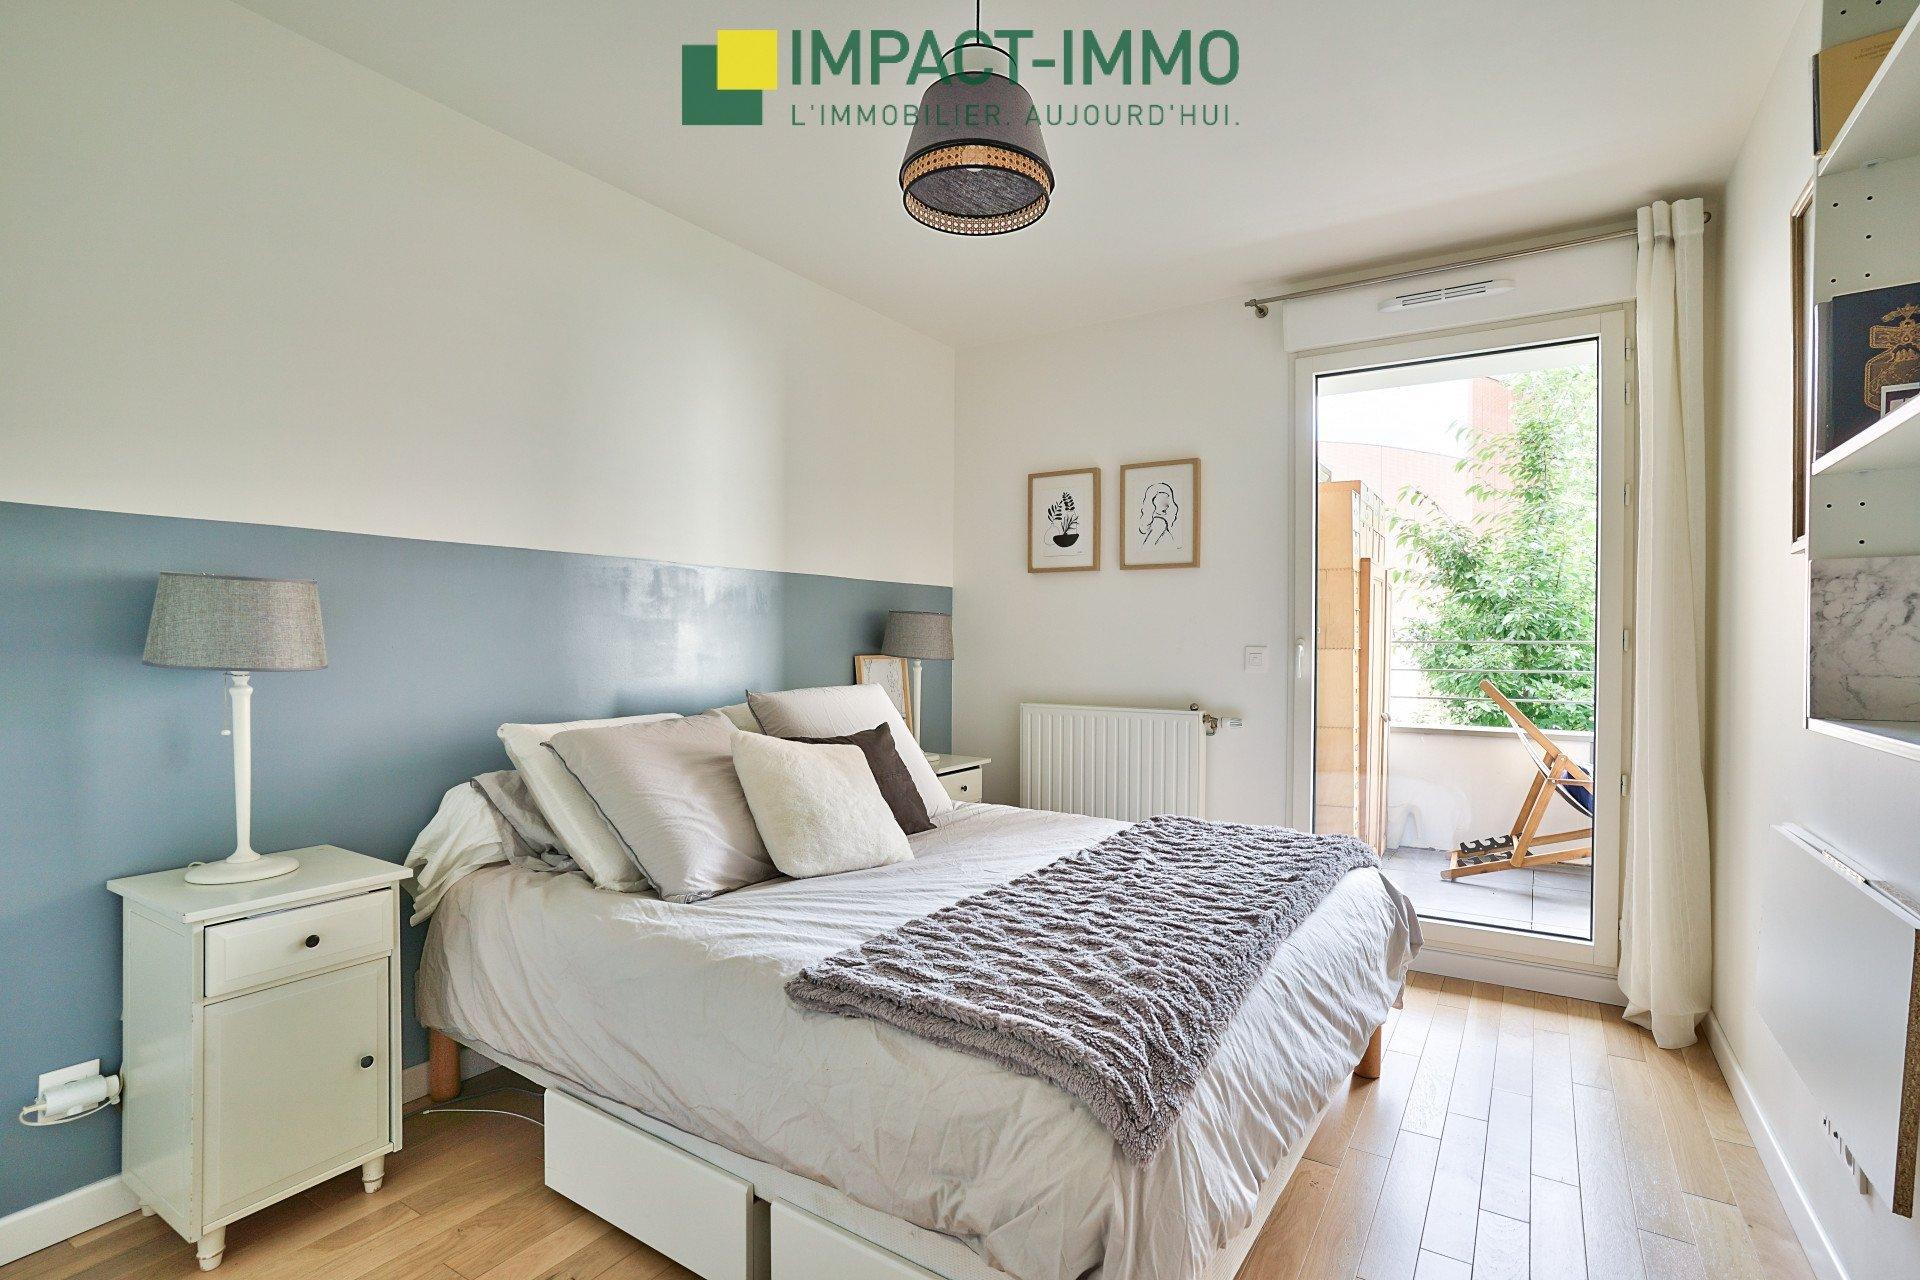 PROCHE LEVALLOIS - 3 chambres avec balcon/terrasse